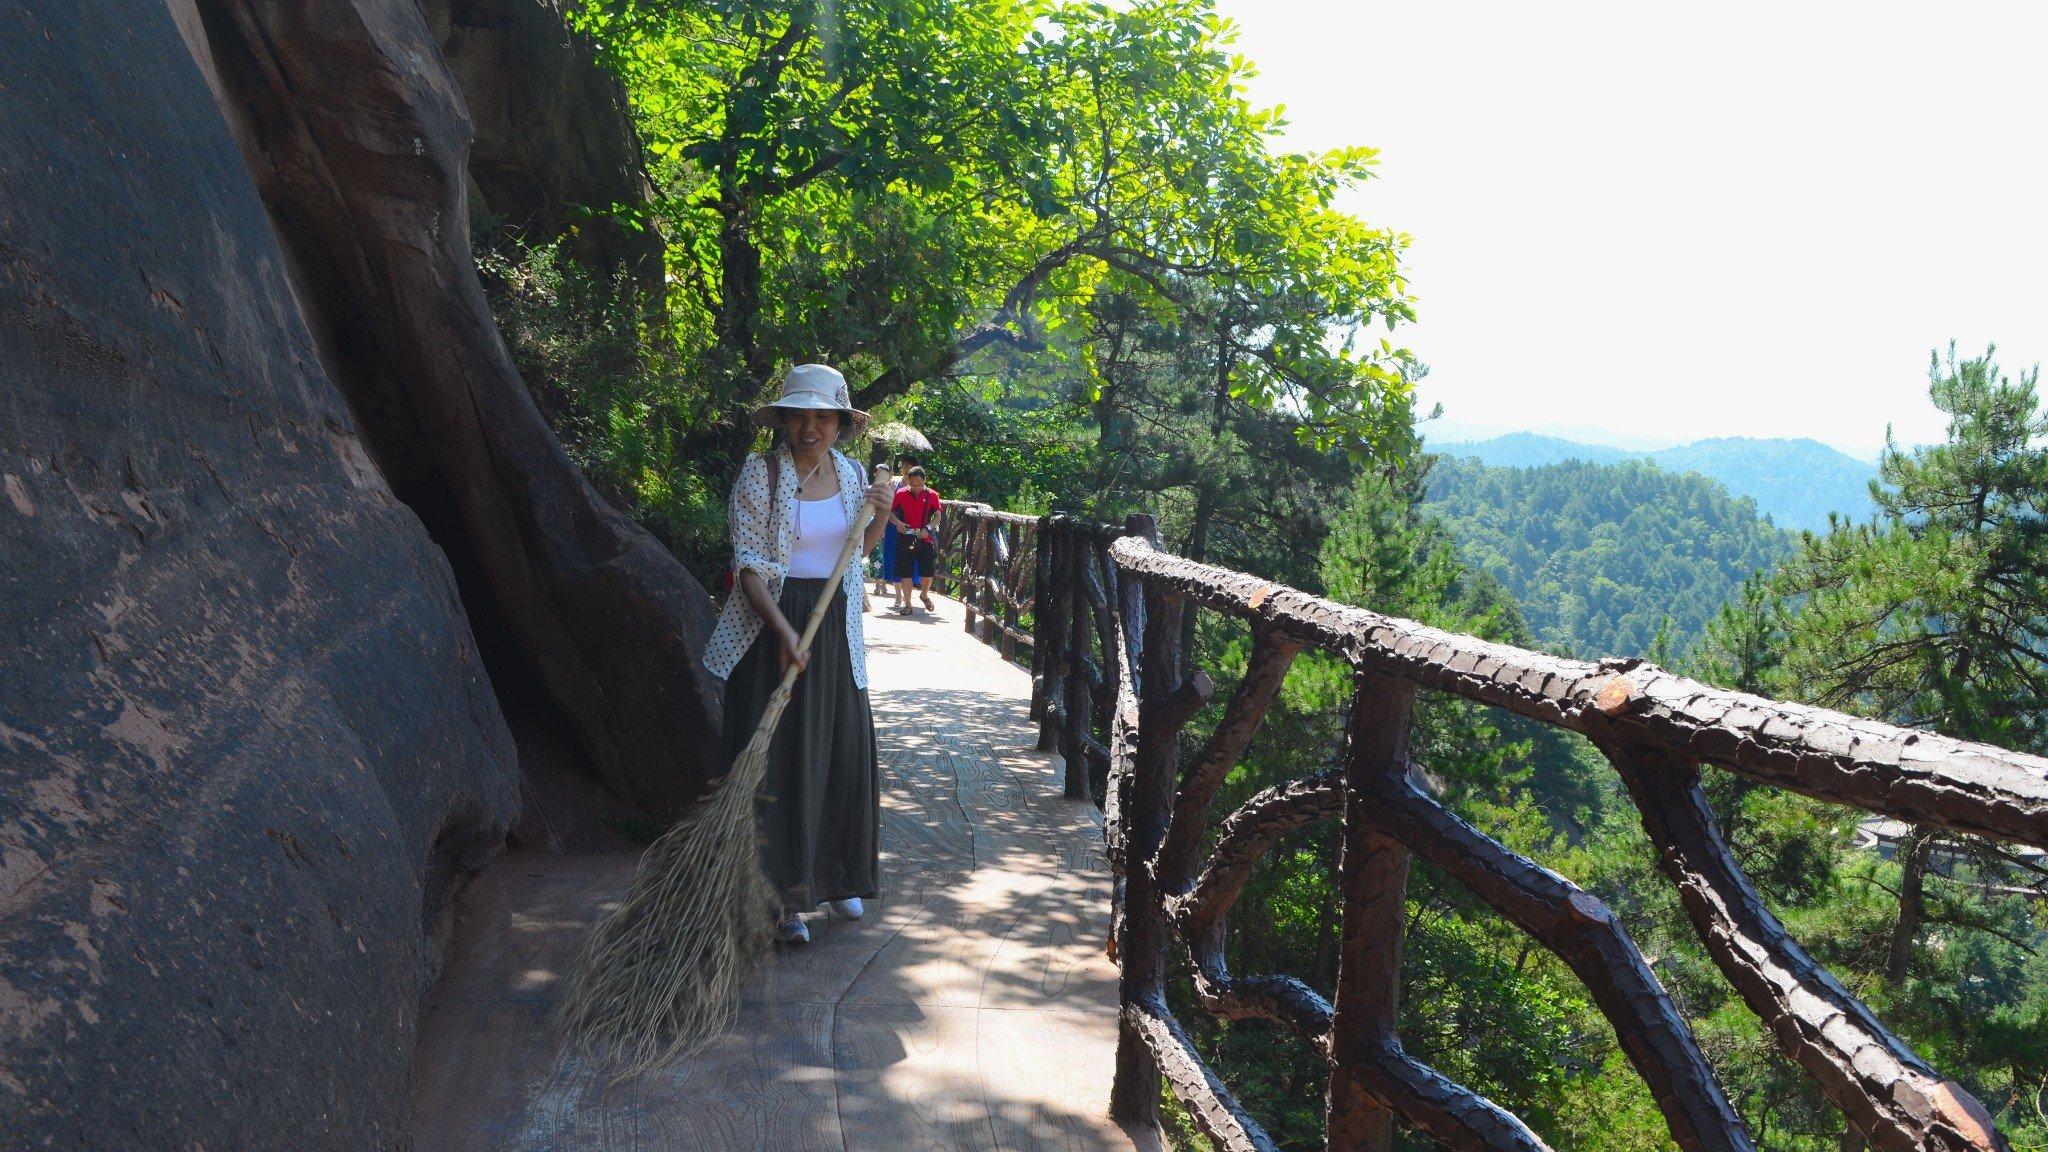 2018陕西黄陵国家森林公园游玩攻略,除一截支架外,是.